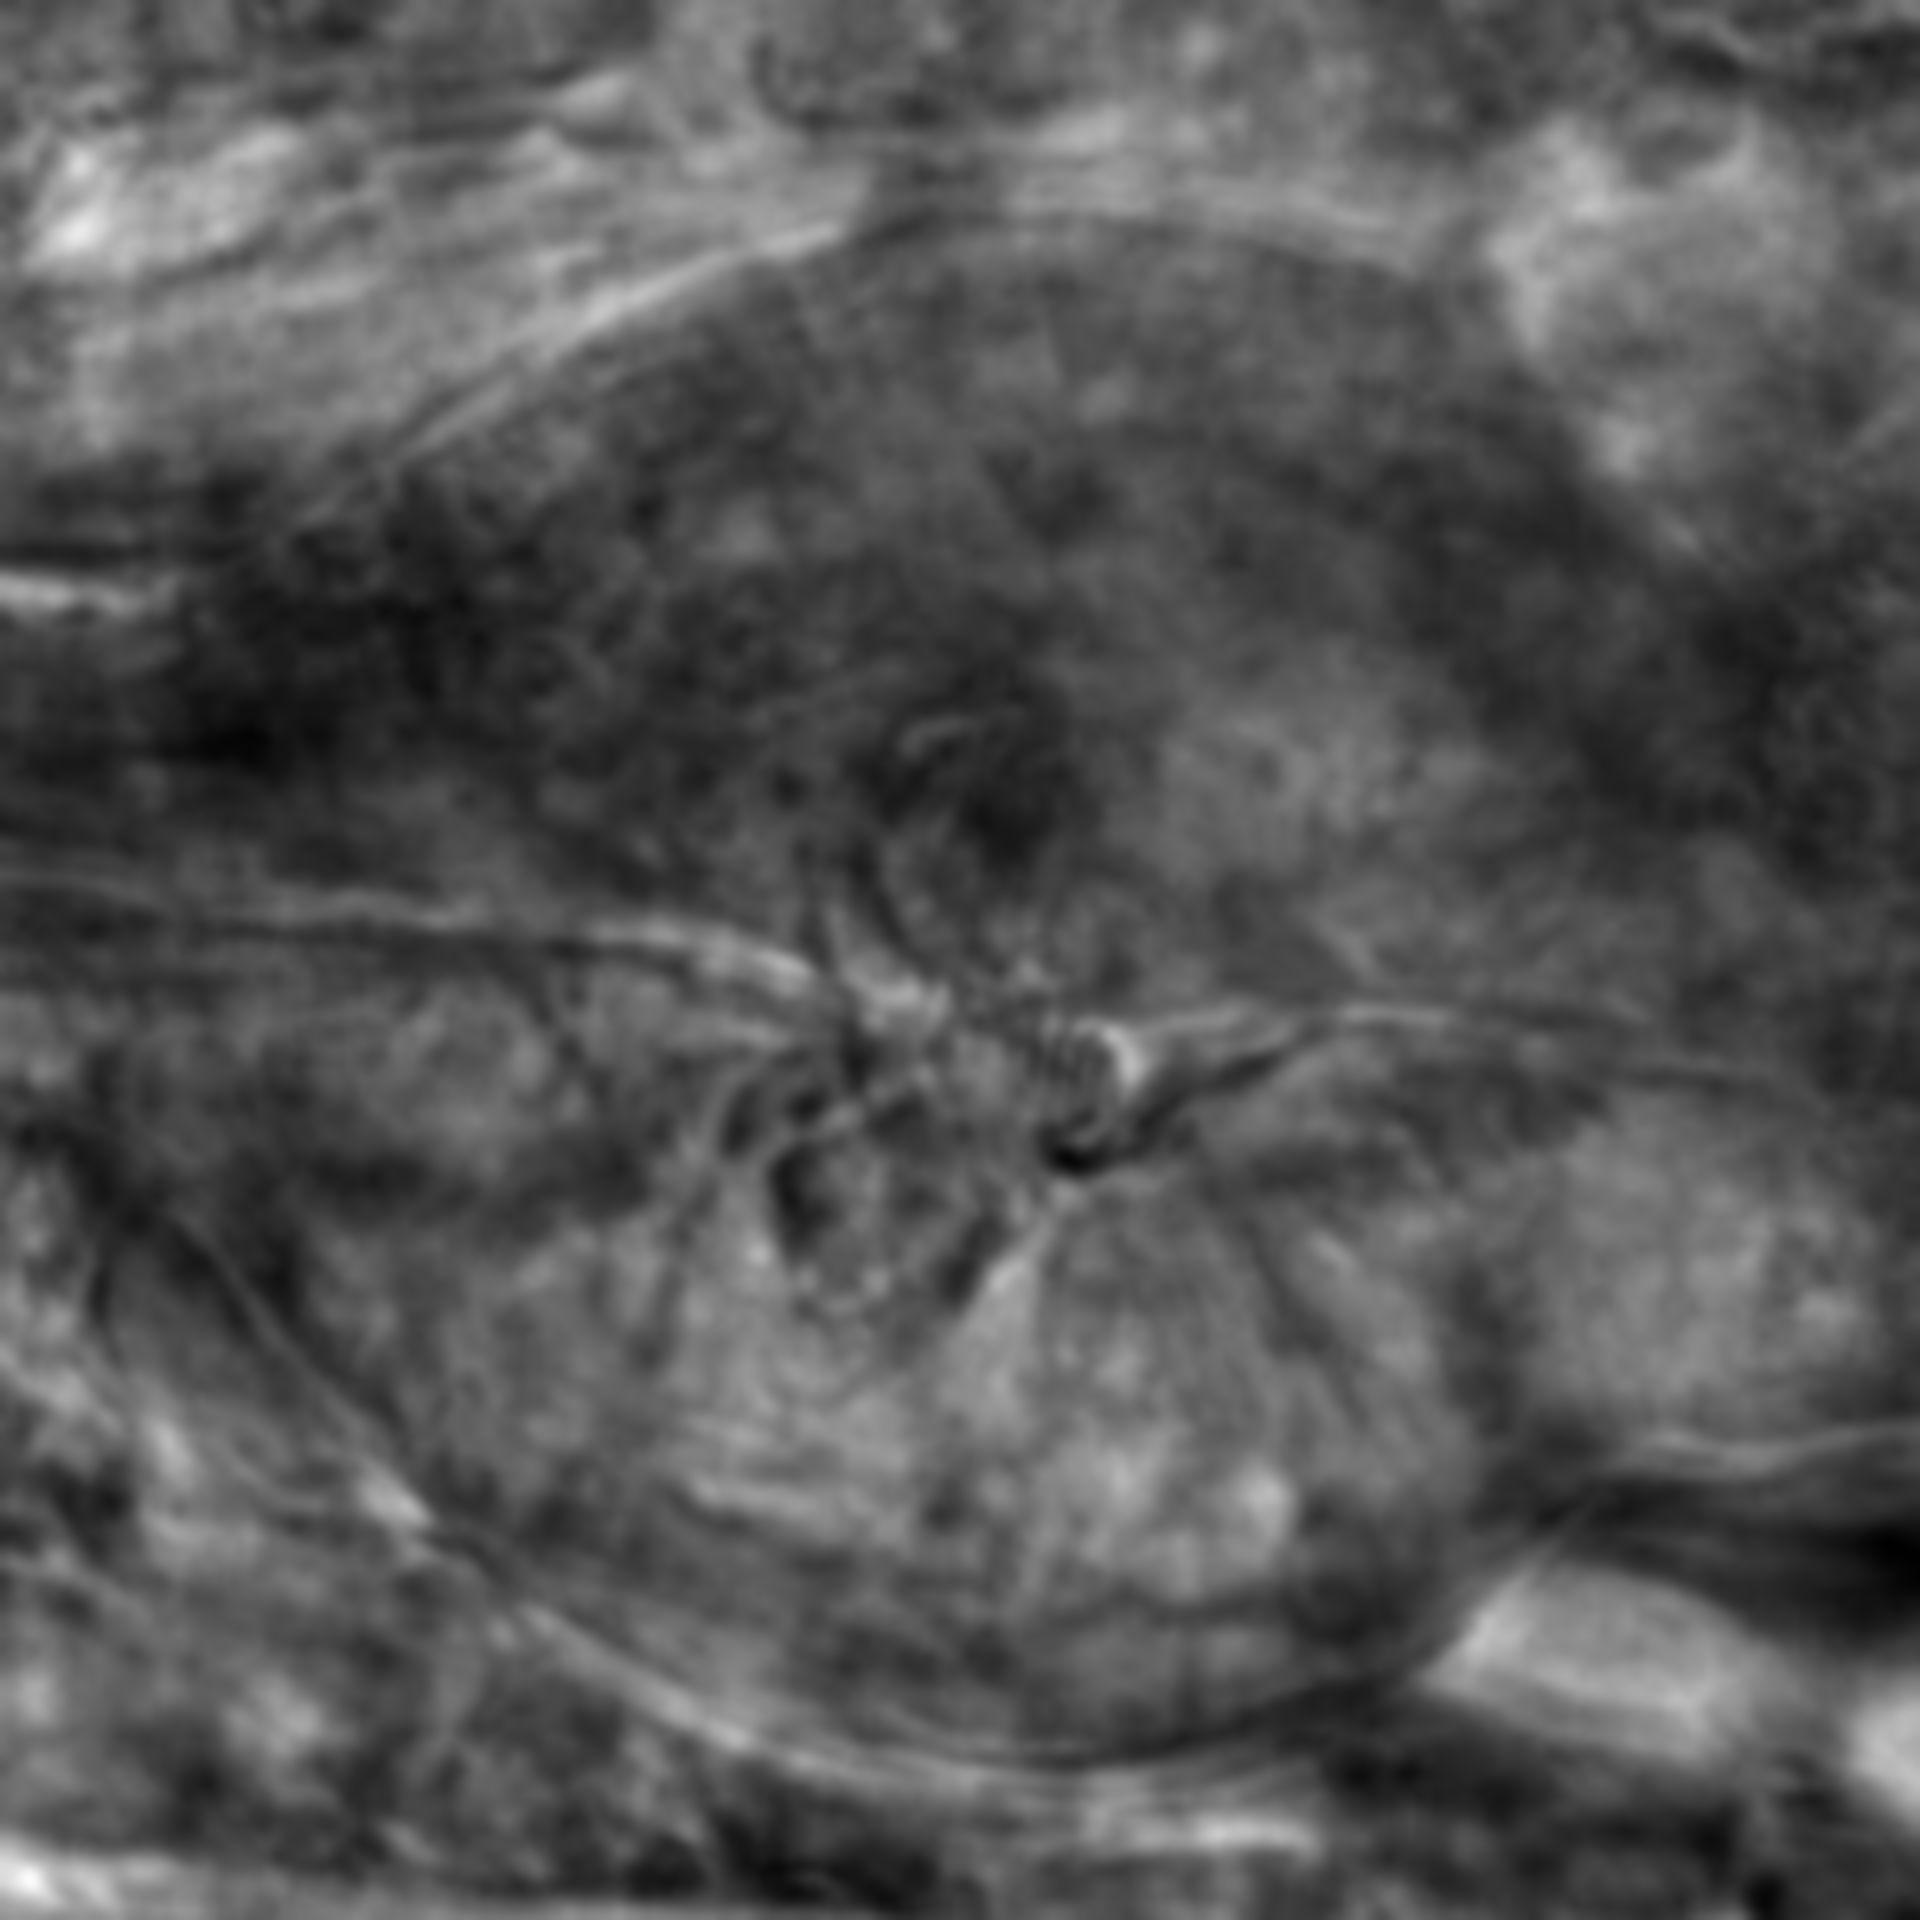 Caenorhabditis elegans - CIL:2838